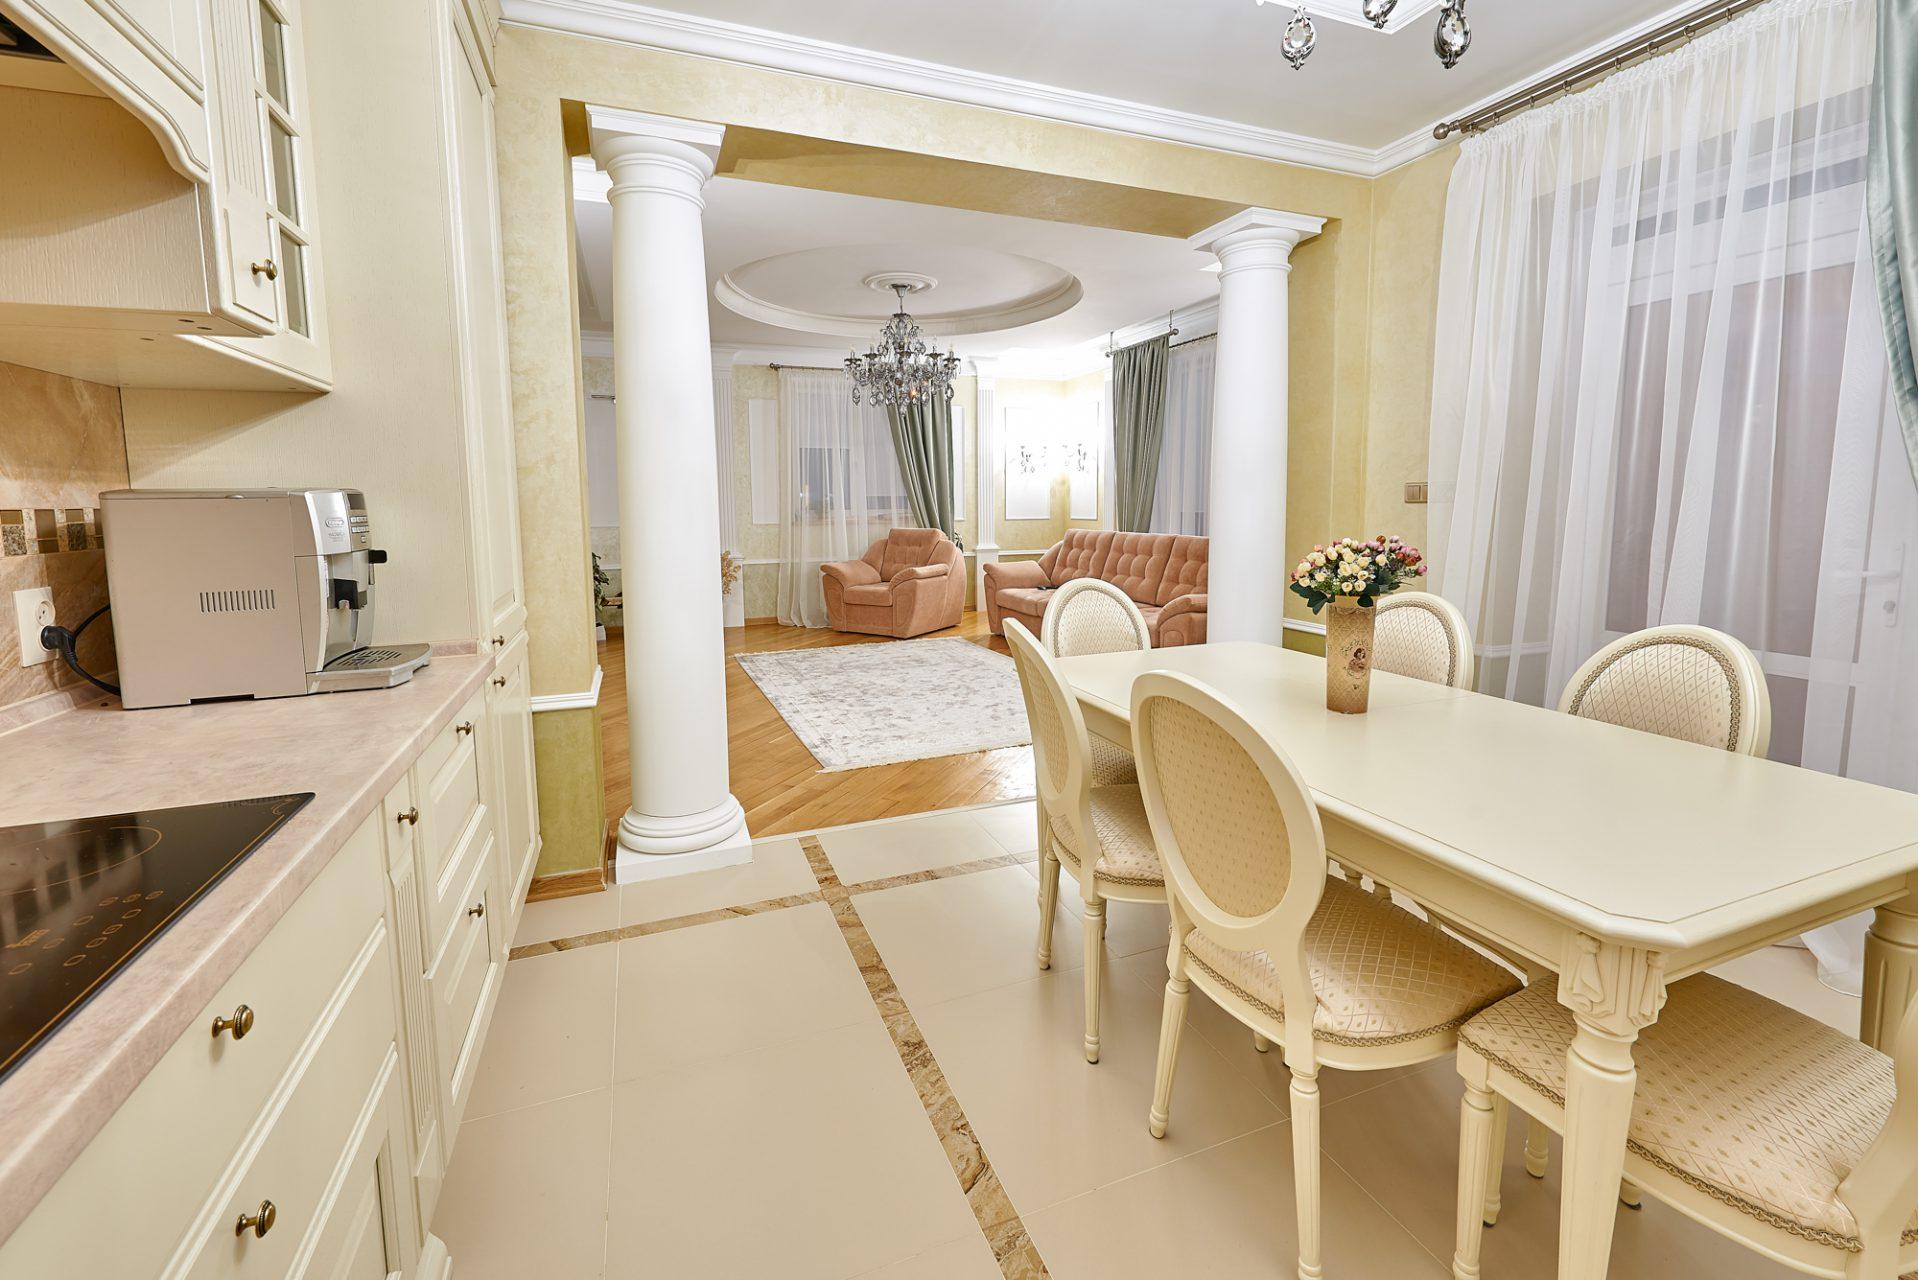 005_interior_kitchen3_korneychikeu